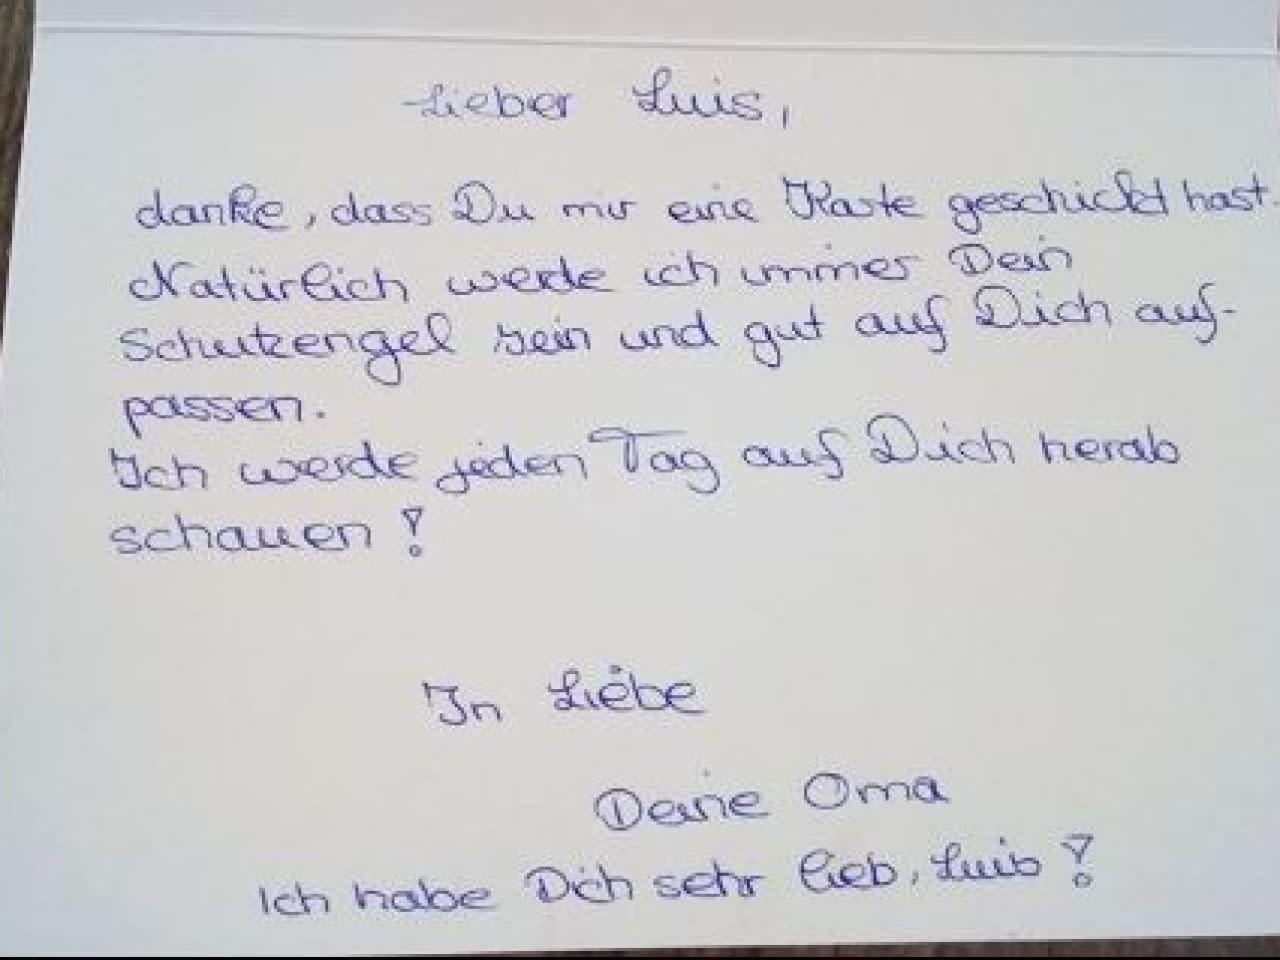 Rührend: Enkel verschickt Postkarte an tote Oma - und